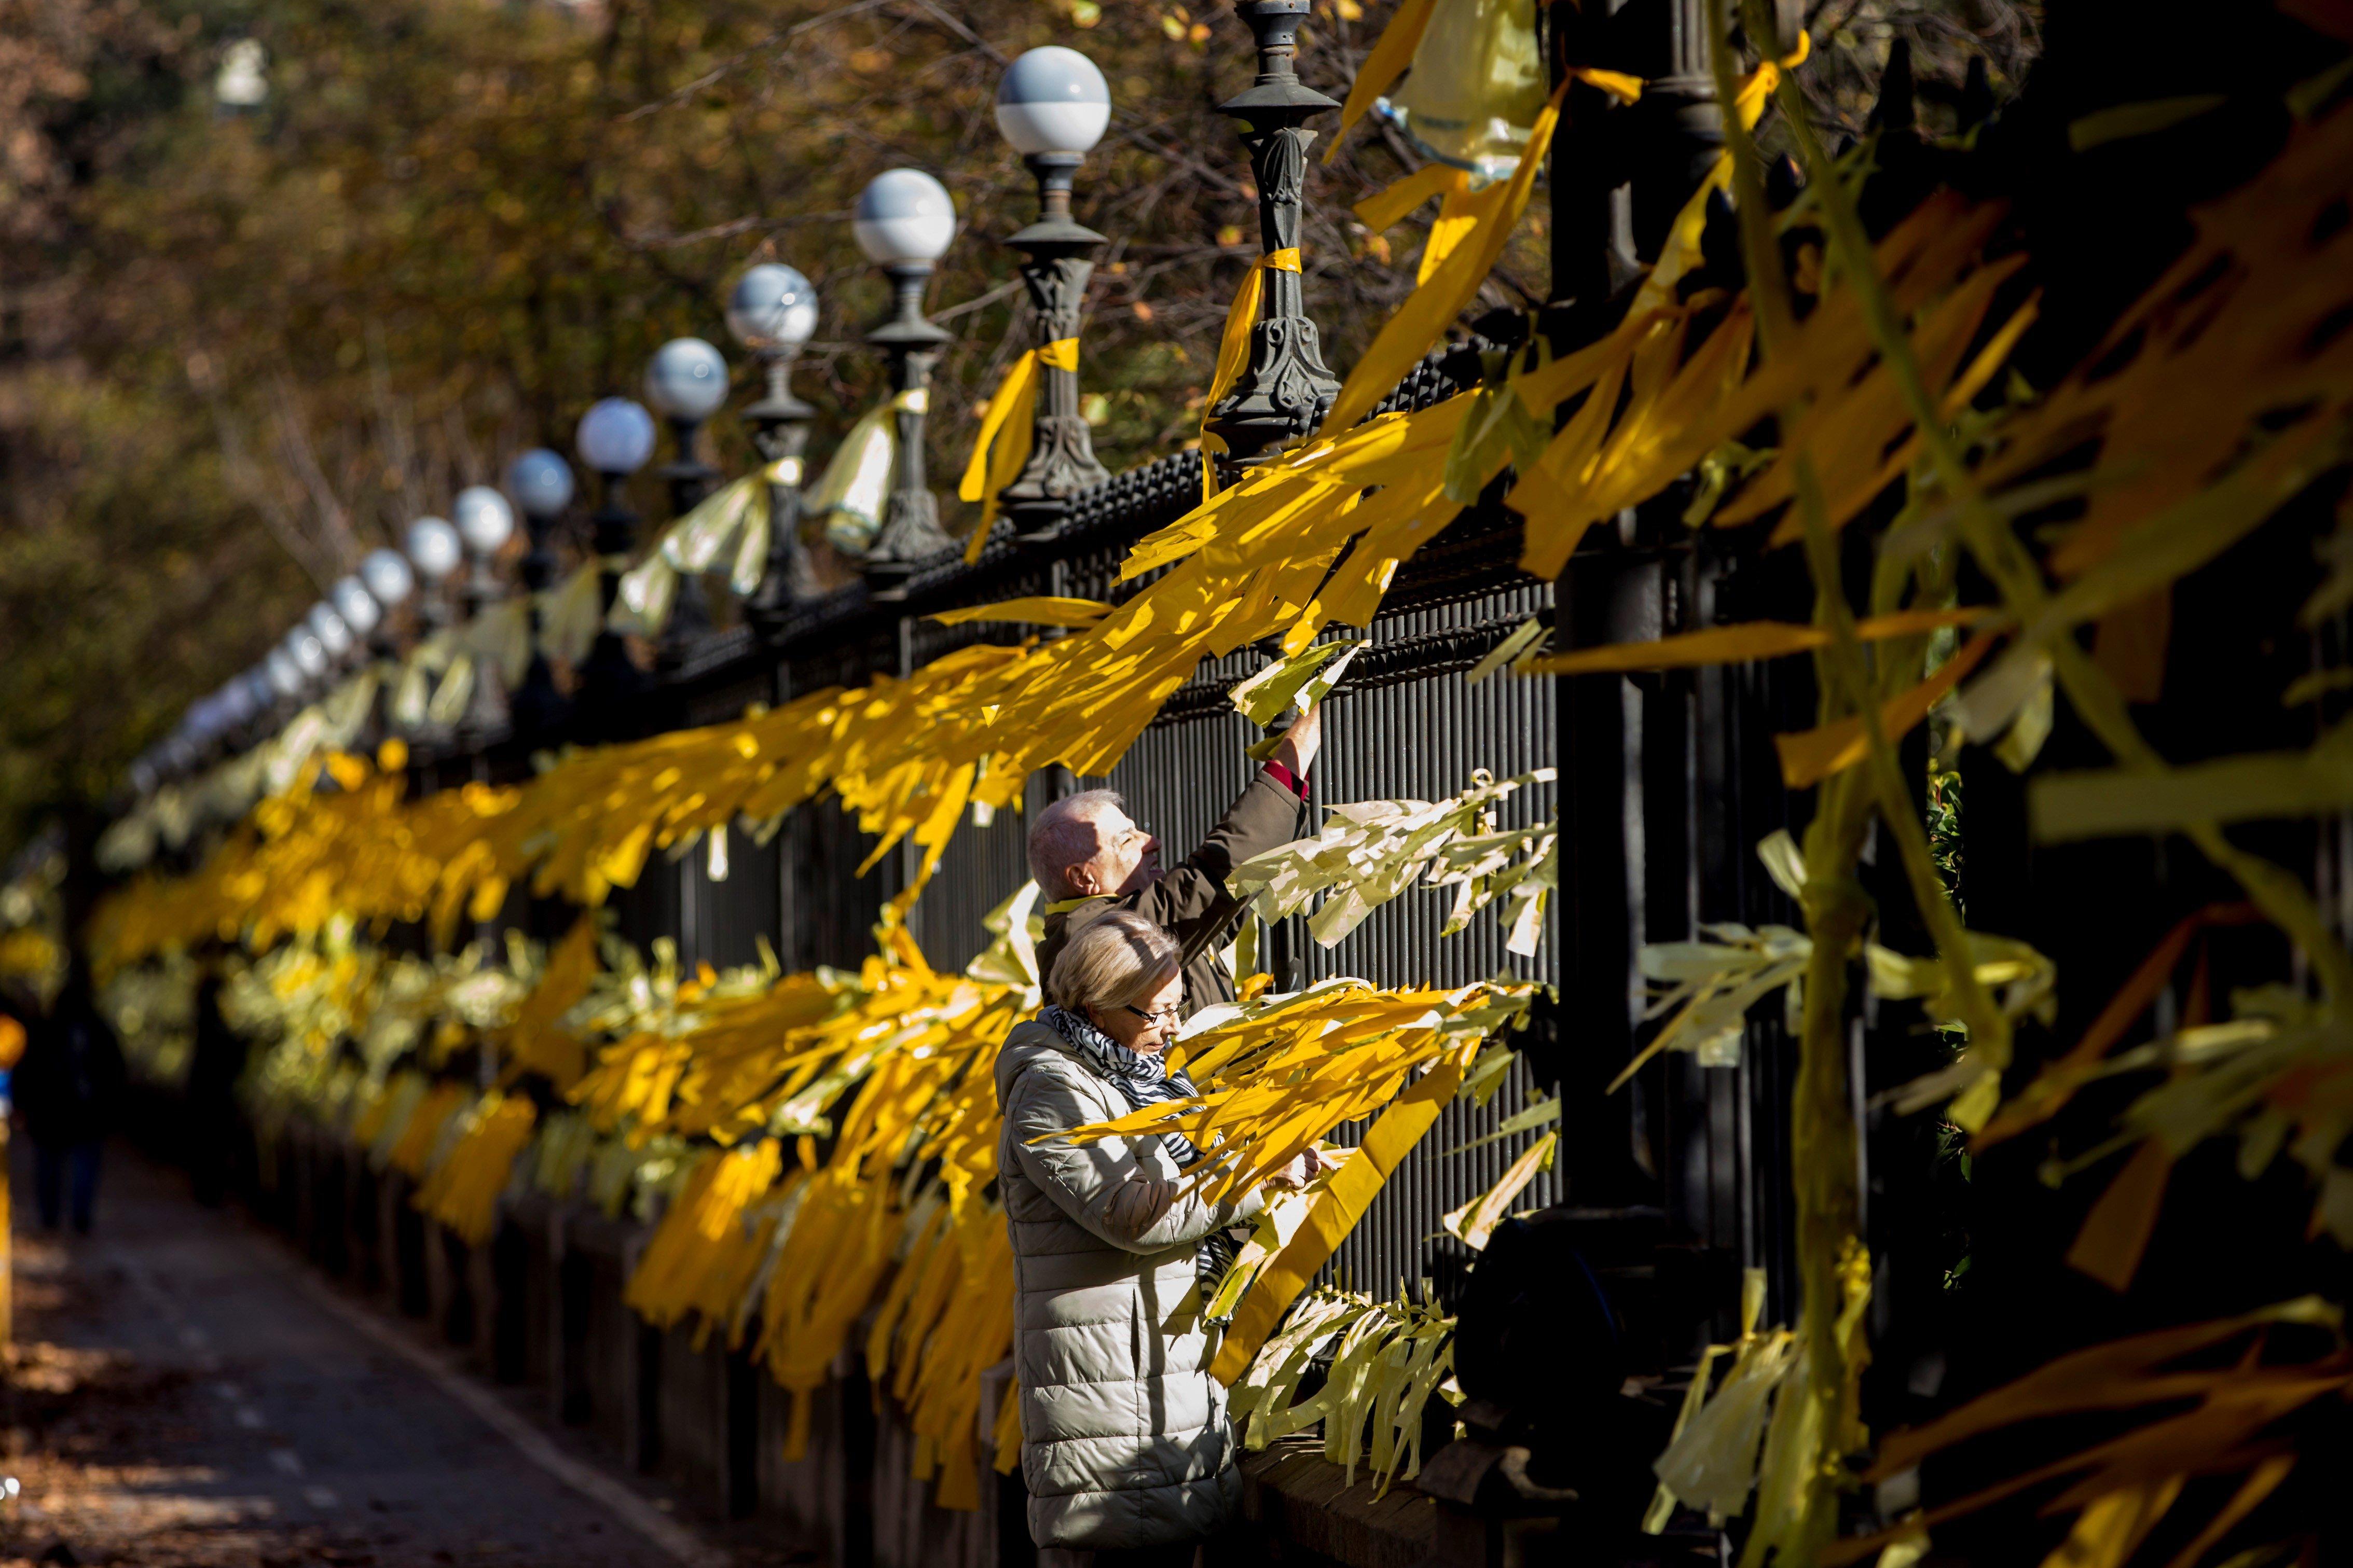 El parc de la Ciutadella de Barcelona, on hi ha el Parlament de Catalunya, ha omplert amb tots els seus reixats plens de petits llaços grocs com a símbol que suport a la llibertat dels empresonats pel procés independentista. /QUIQUE GARCÍA